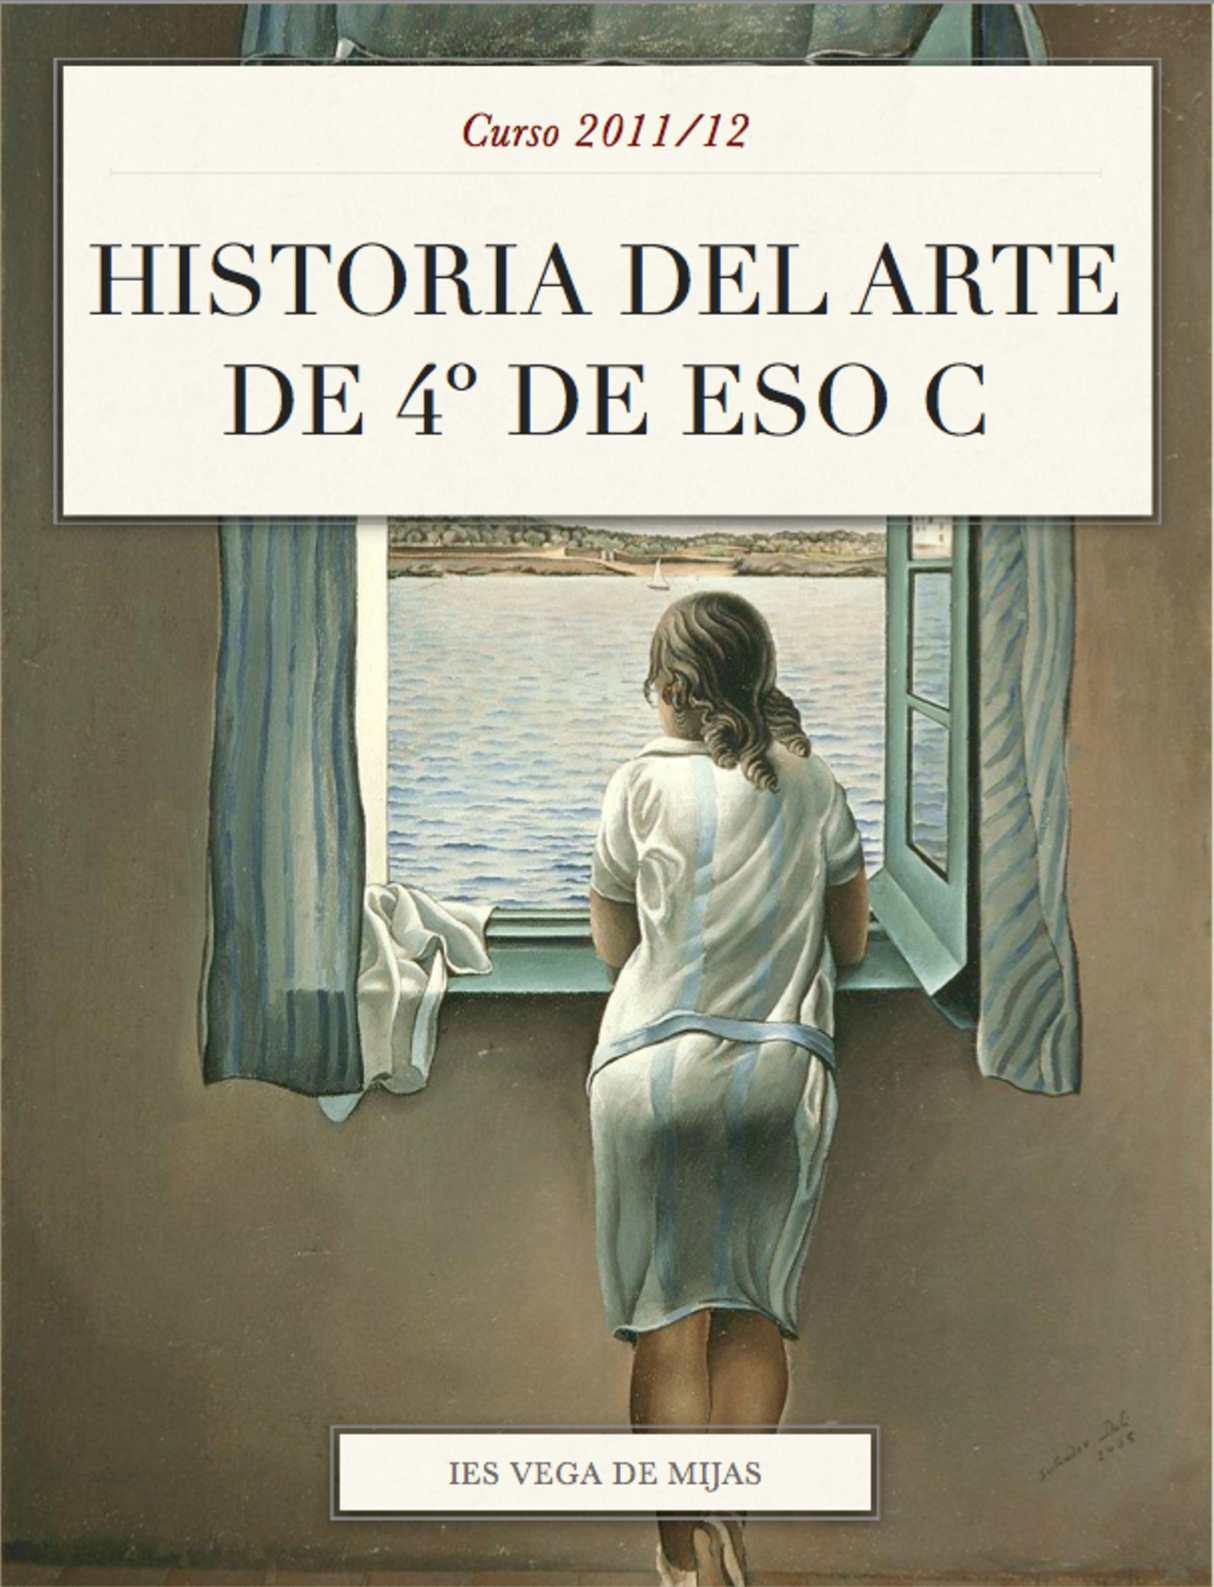 Calaméo - Libro de historia del arte 4º ESO-C Curso 2011/12